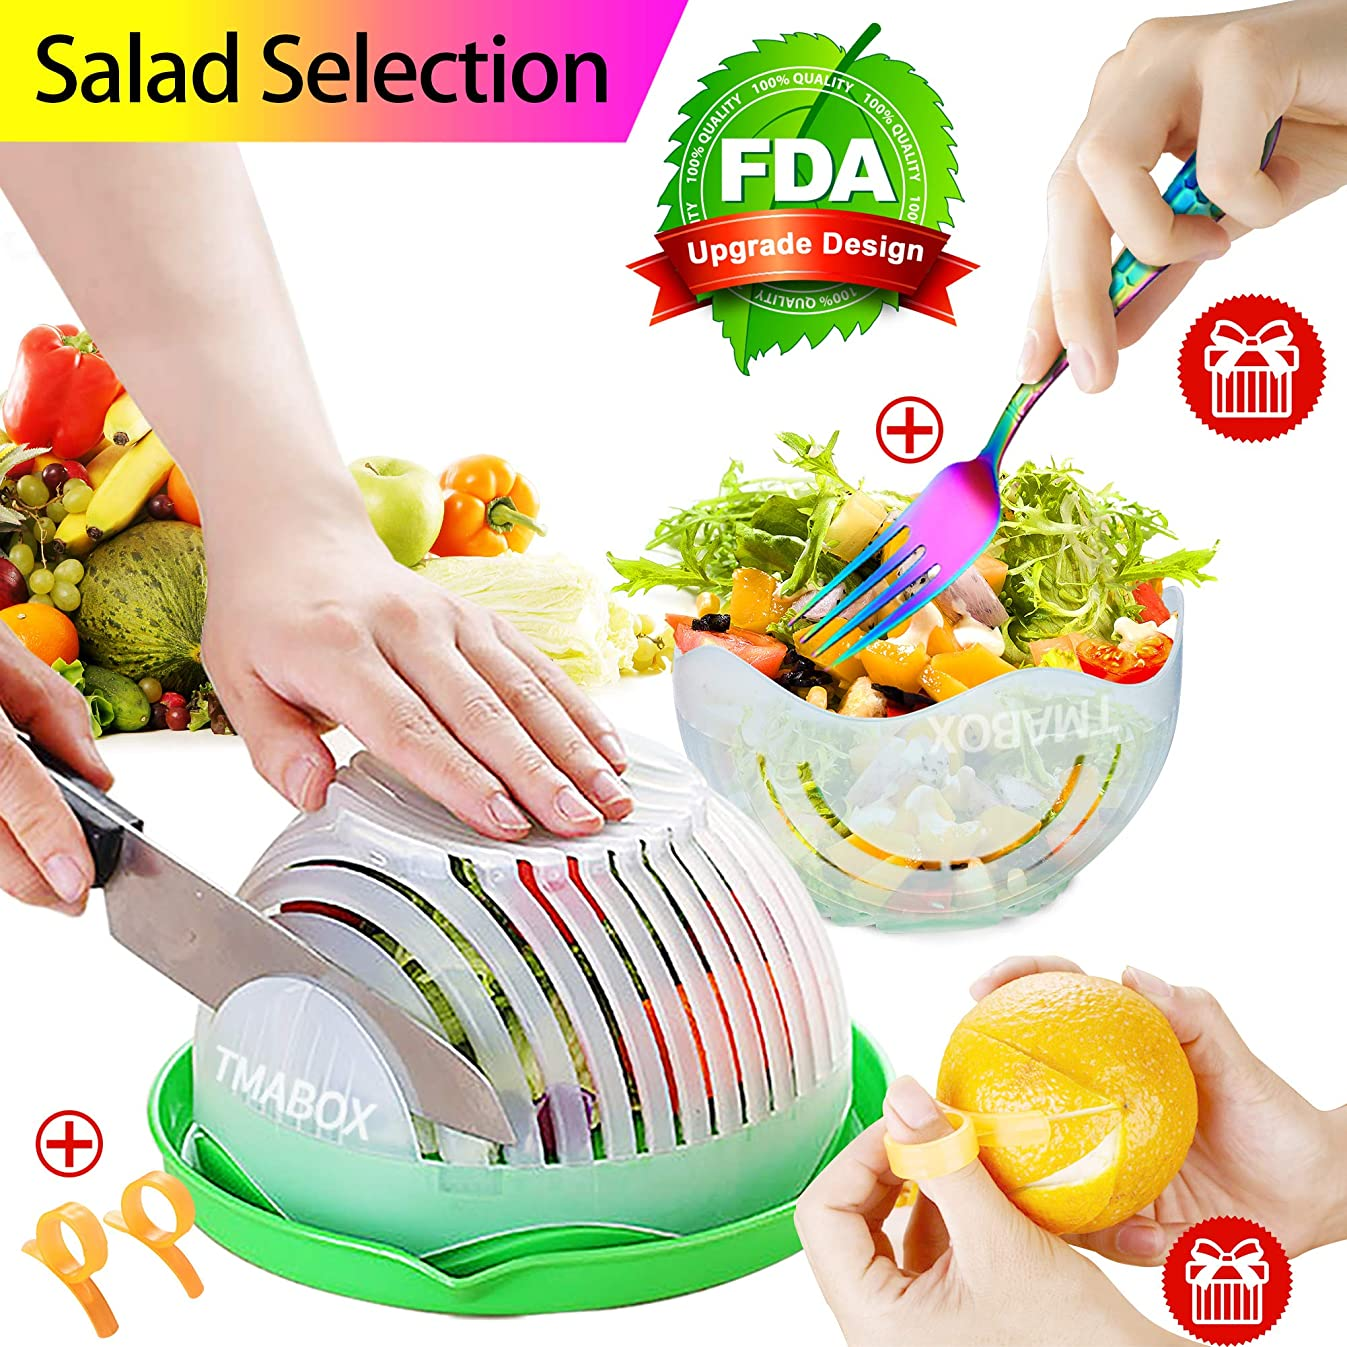 Salad Cutter Bowl,Fruit Vegetable Salad Chopper Bowl,Rainbow Fork Cutlery,Upgraded Easy Salad Make,Fresh Salad Slicer FDA-Approved